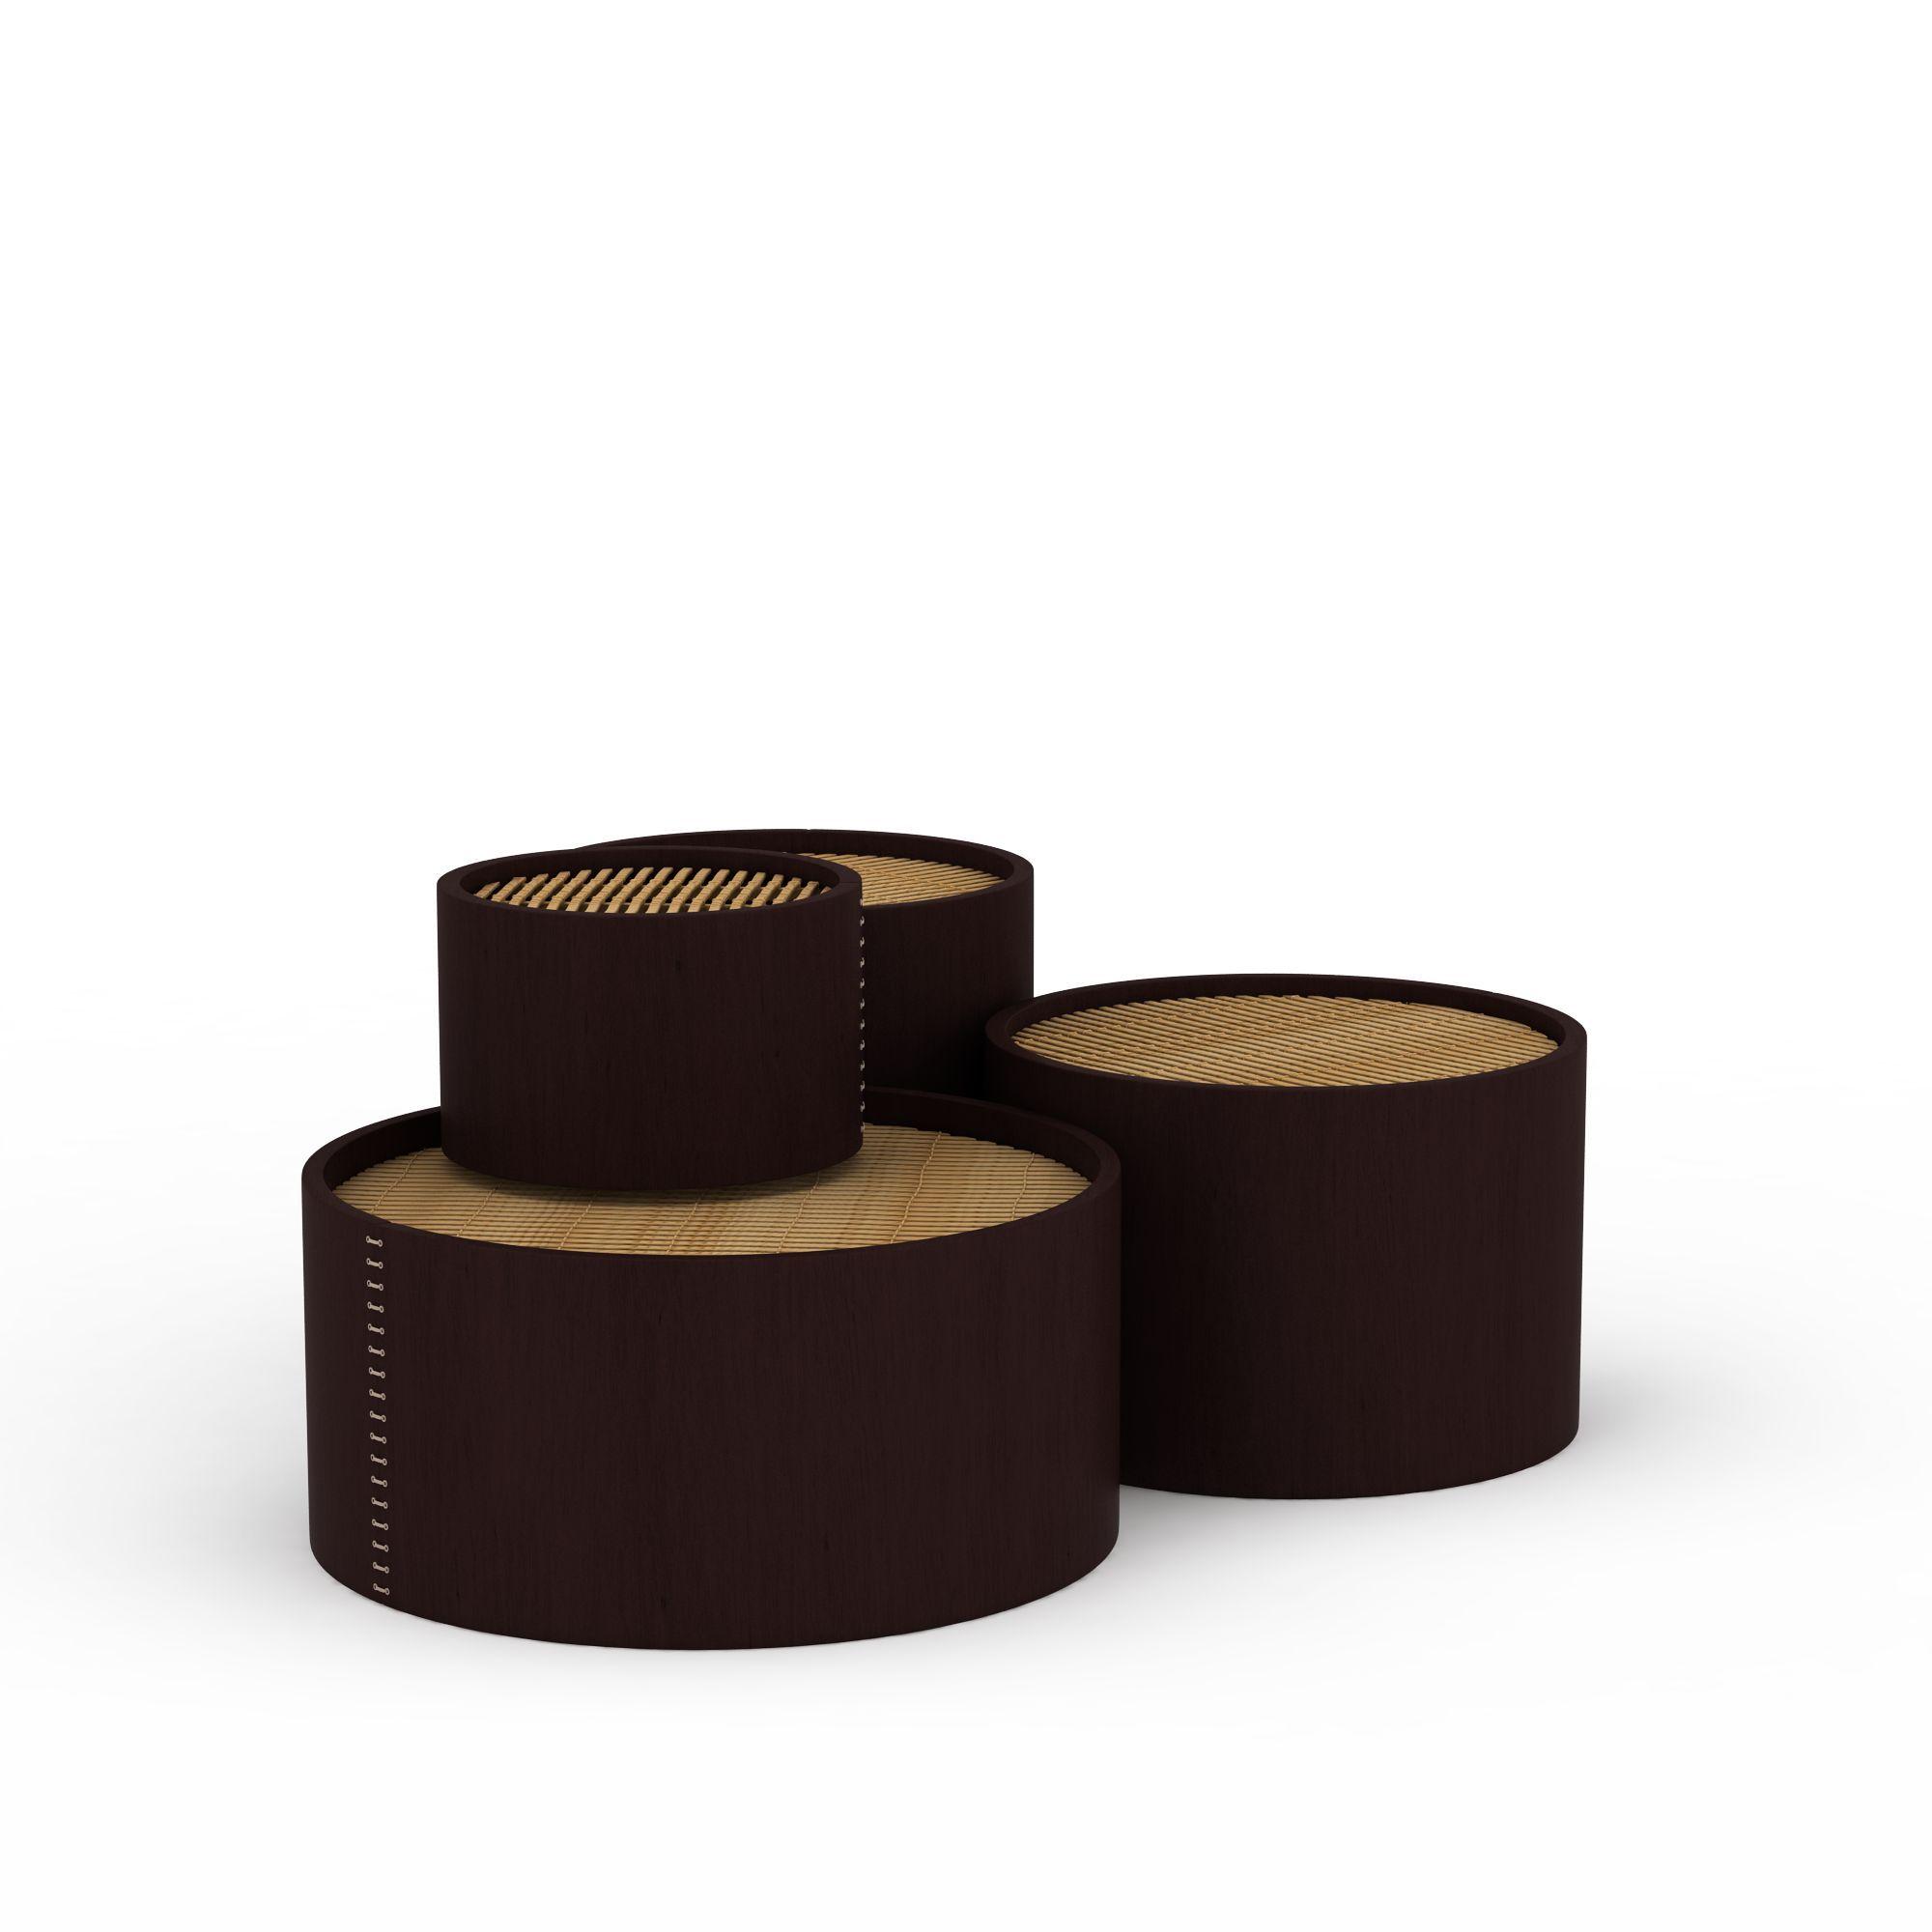 家具组合 其它 藤编蒸笼3d模型 藤编蒸笼png高清图  藤编蒸笼高清图详